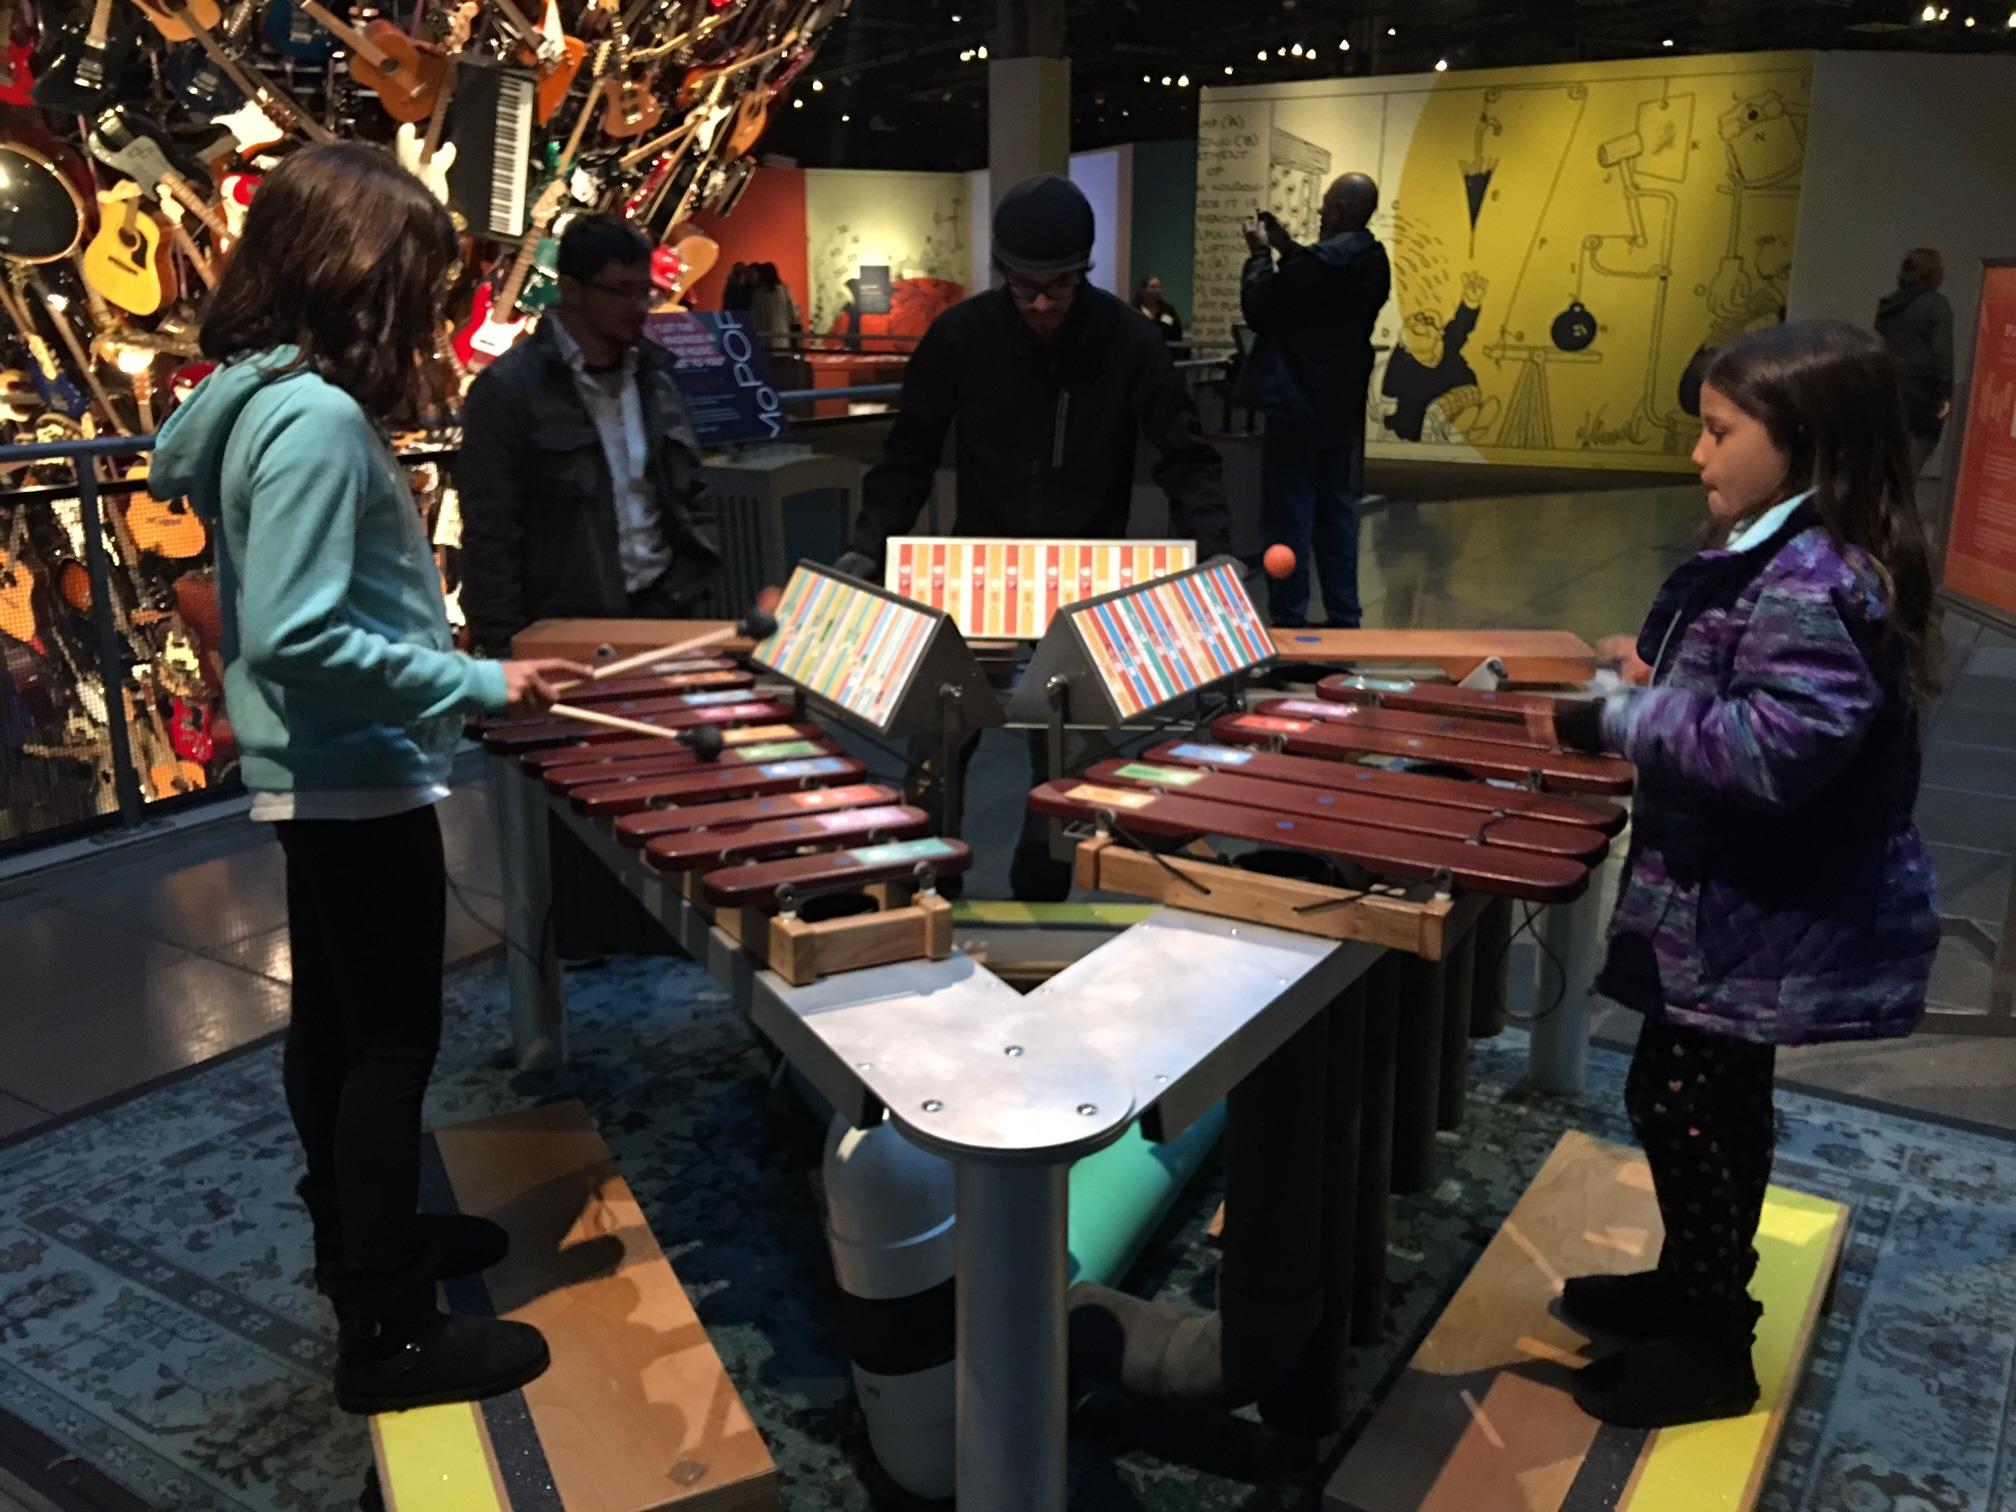 Descubra nesse post um roteiro para conhecer Seattle em um final de semana! O Museum of Pop Culture, ou Mopop, é parada obrigatória!